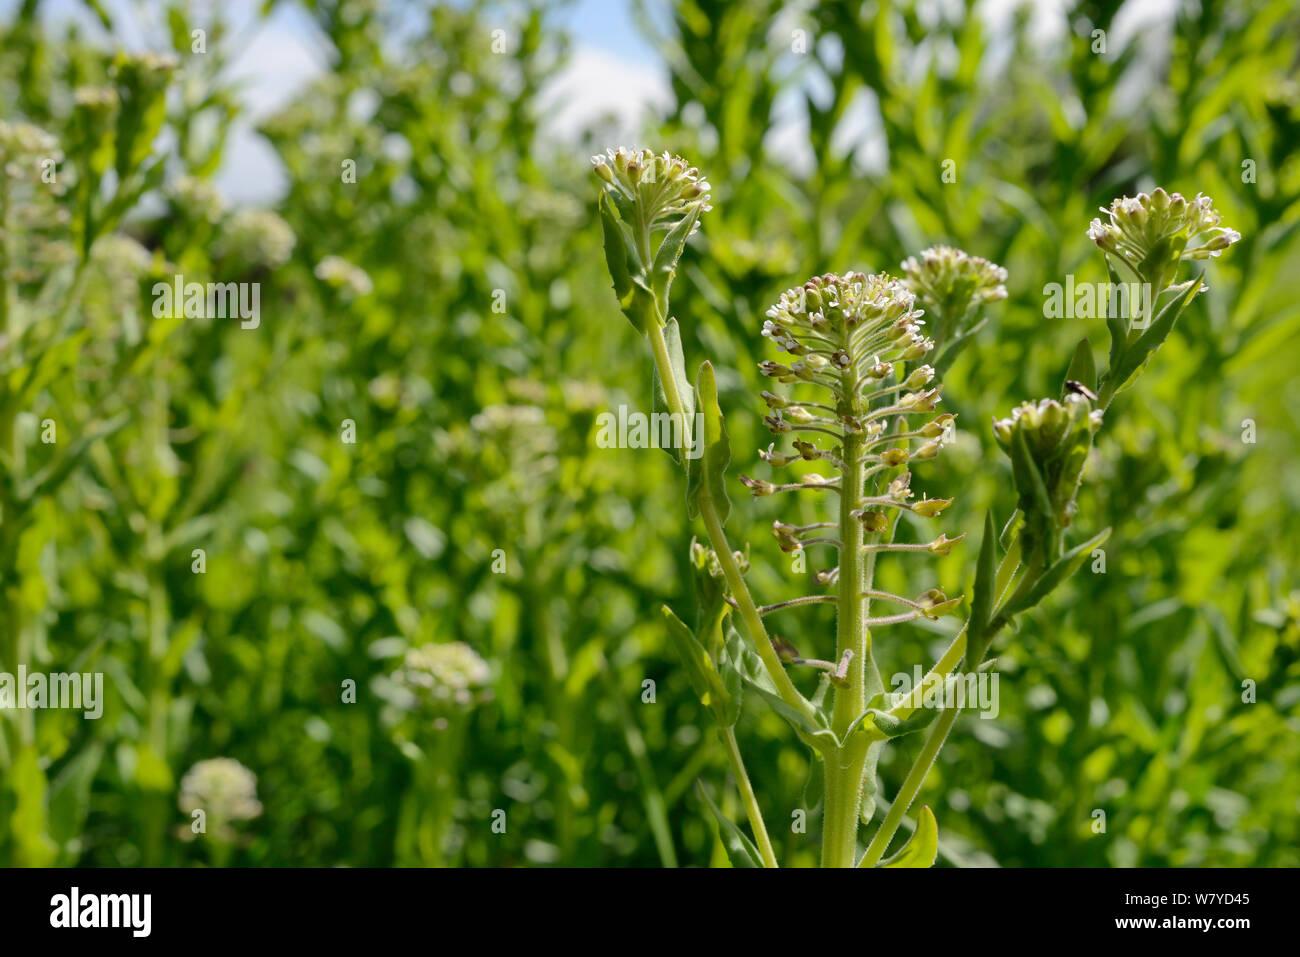 Berro (Lepidium draba canosos / Cardaria draba), una especie de largo naturialised del sur de Europa, en el Reino Unido, la floración en tierra de residuos urbanos, Salisbury, REINO UNIDO, Abril. Foto de stock